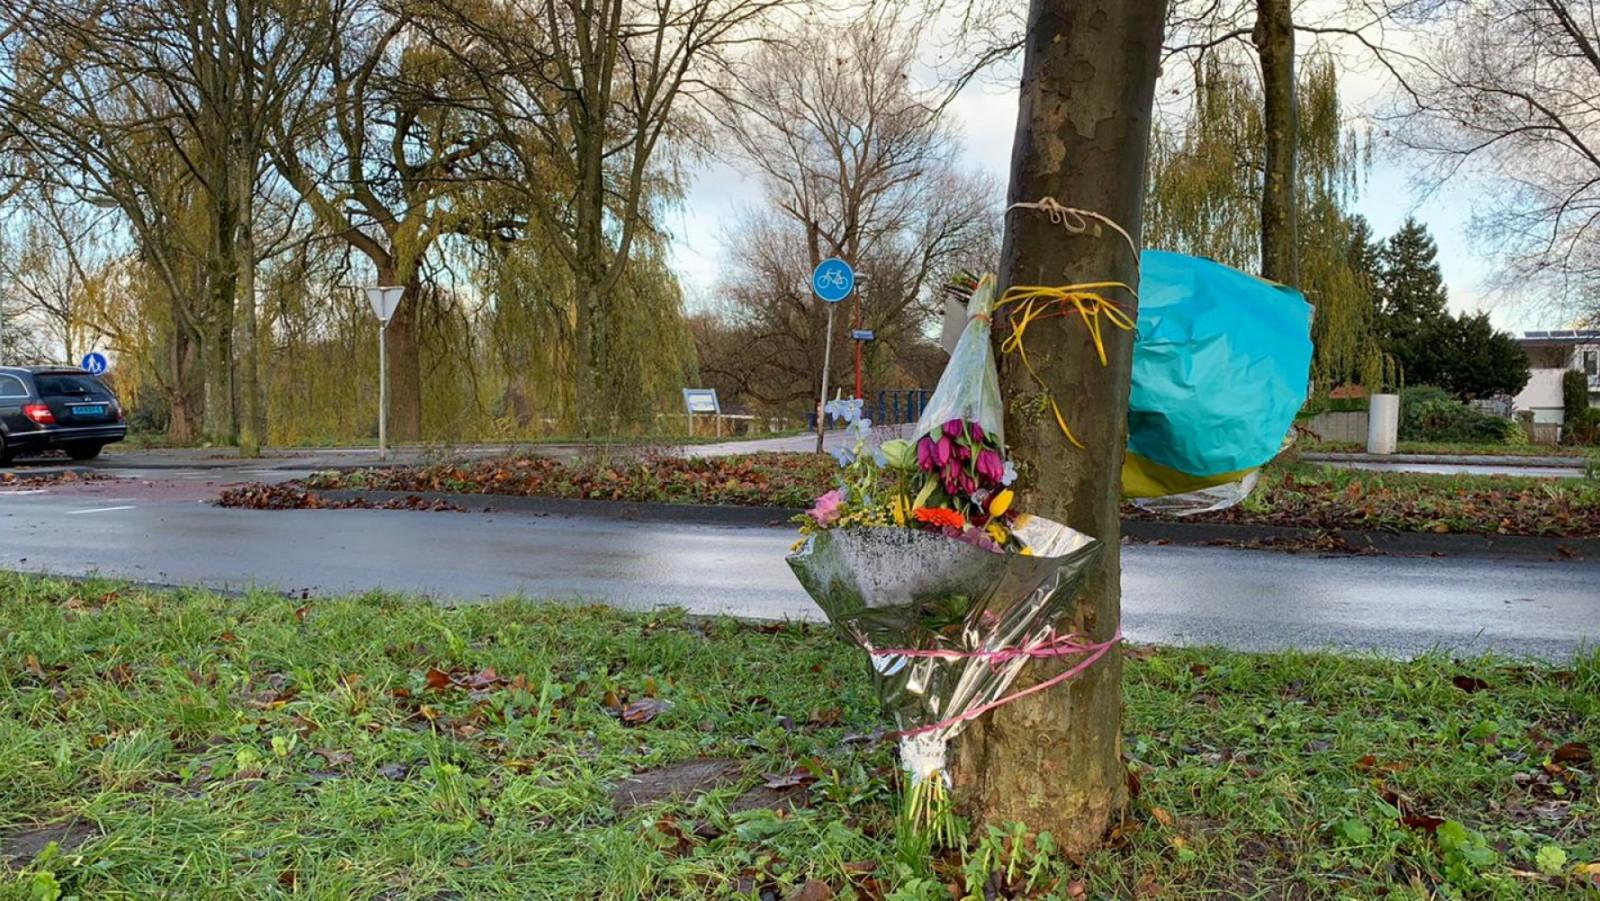 Telefoon dodelijk slachtoffer aanrijding Plesmanlaan in Amsterdam spoorloos.